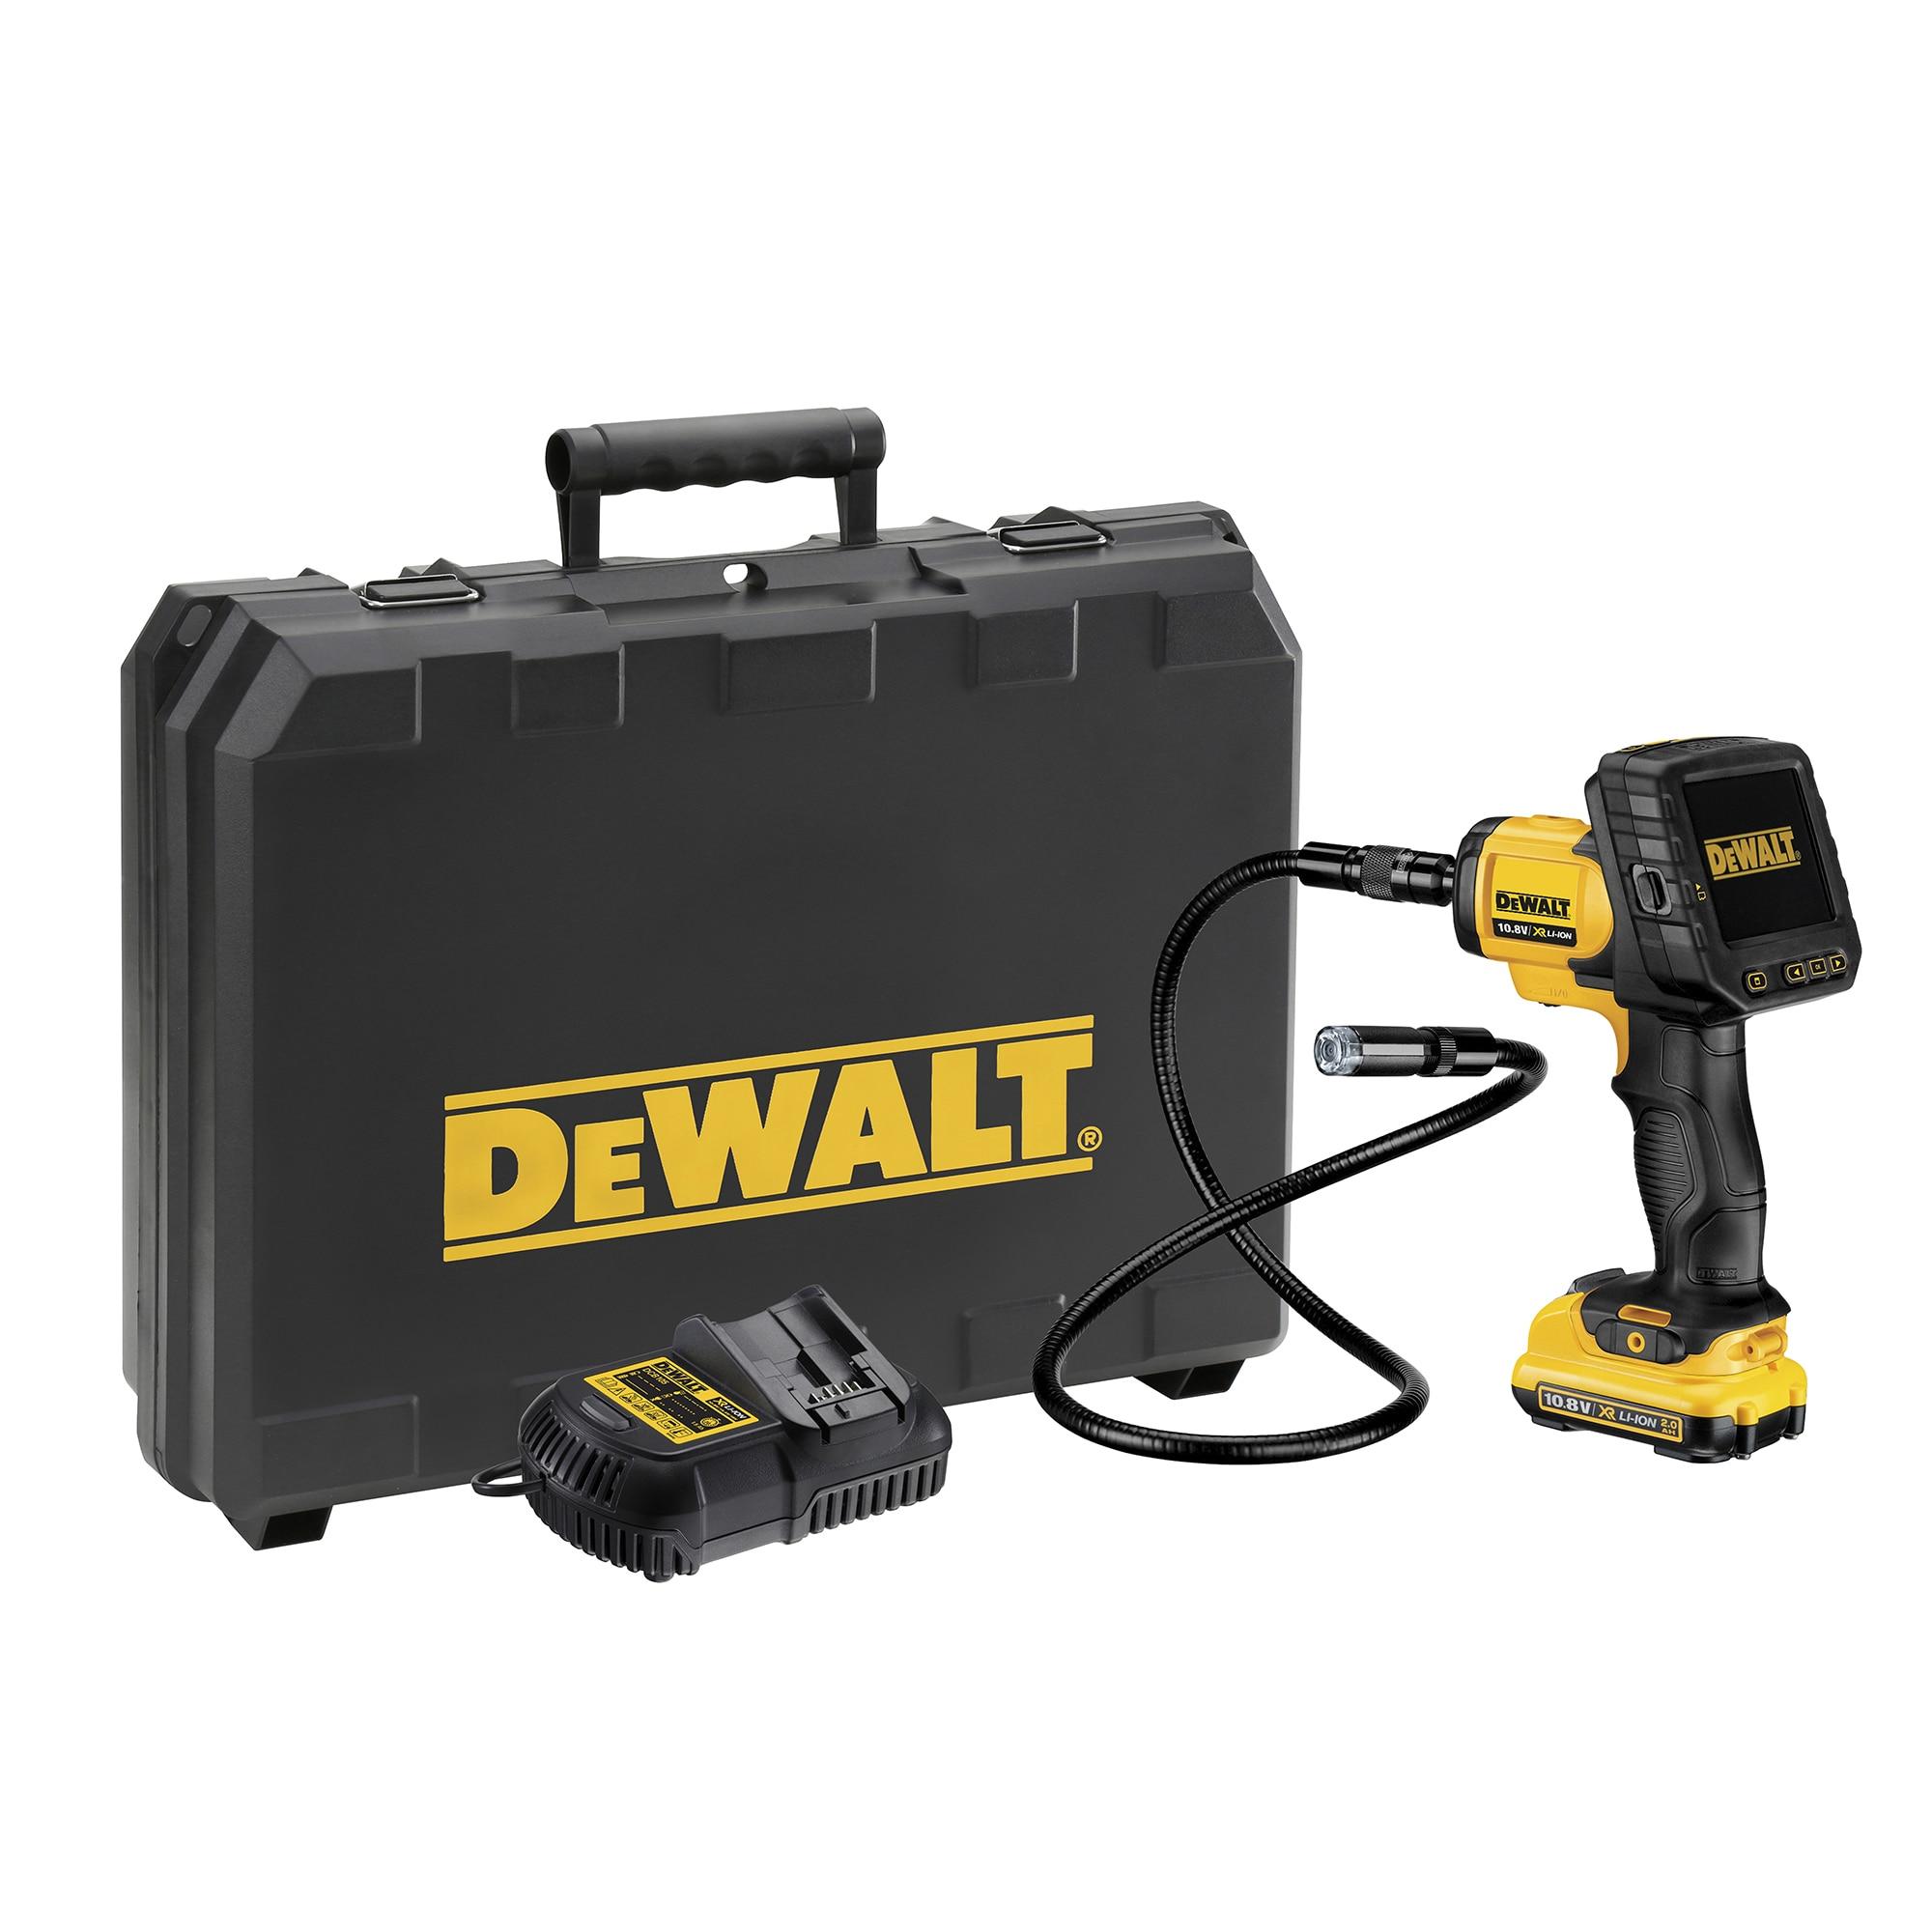 Fotografie Camera de inspectie pe acumulator DeWalt DCT410D1, 10.8 V, ecran LCD, 3x zoom, 1 acumulator, incarcator, carlig, magnet, cablu video, cutie depozitare profesionala